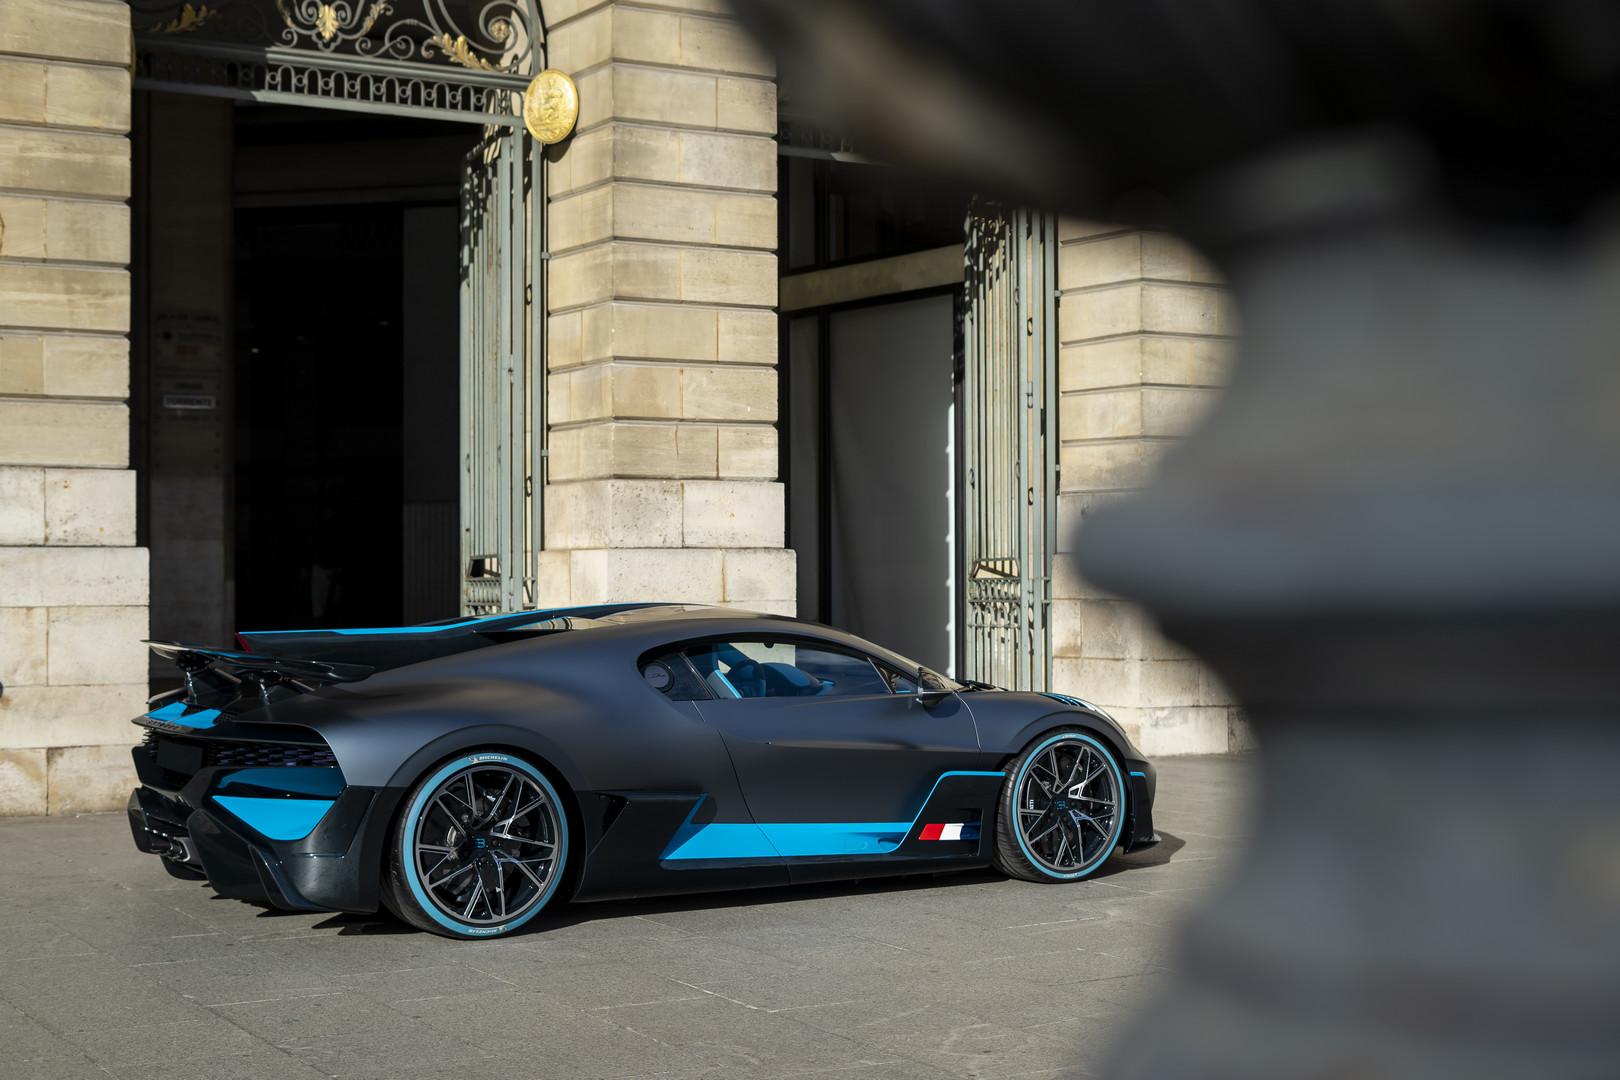 Bugatti Divo Rear Quarter View